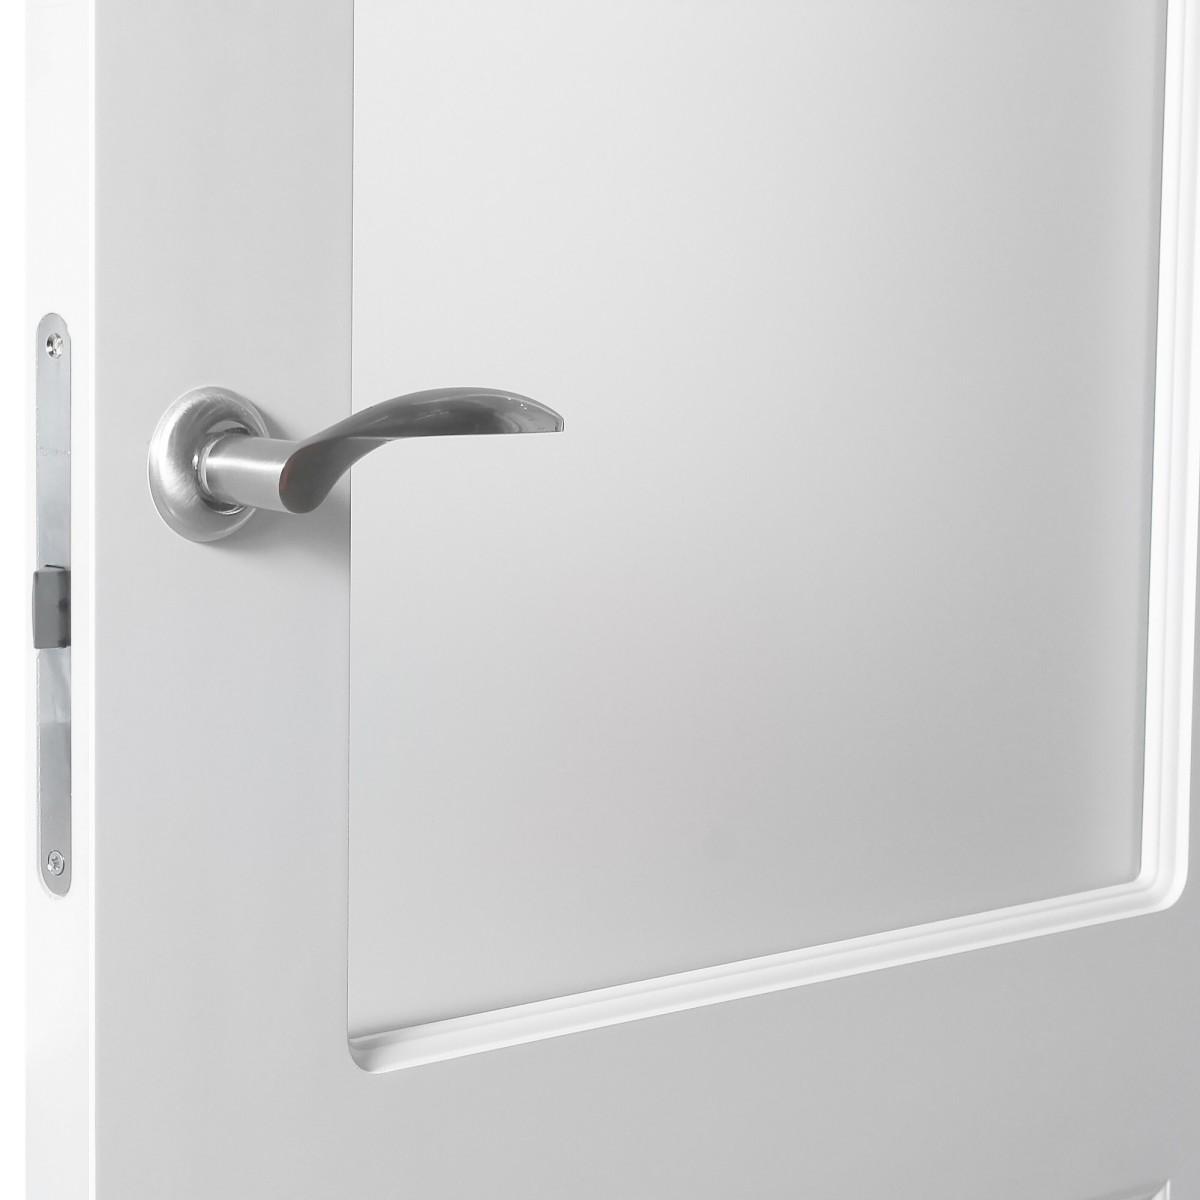 Дверь Межкомнатная Остеклённая Австралия 70x200 Цвет Белый